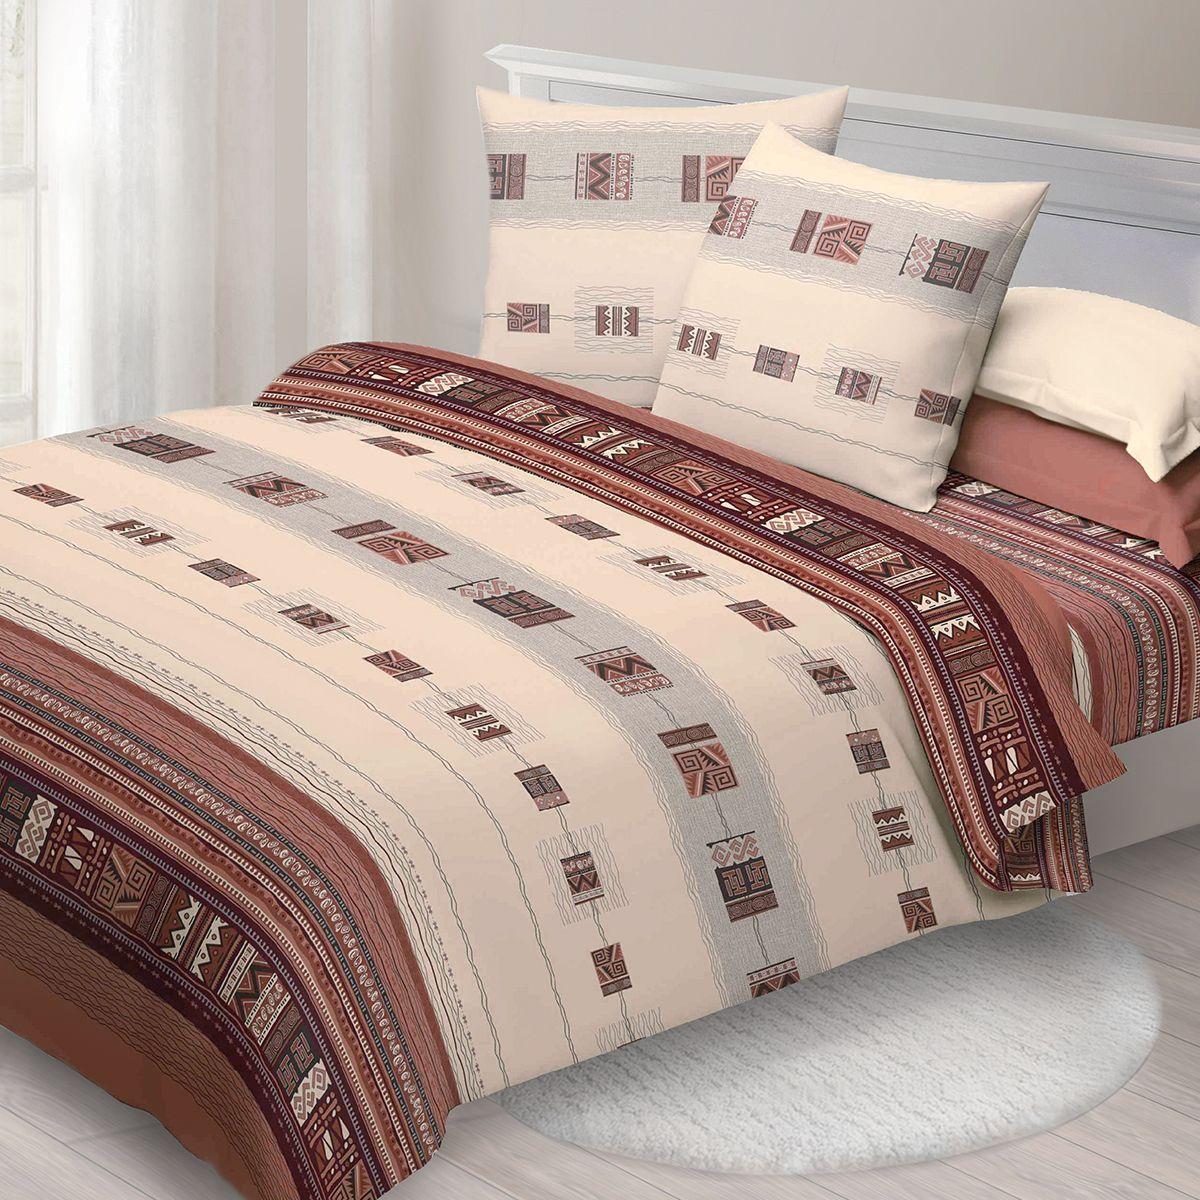 Комплект белья Спал Спалыч Этно, 1,5-спальное, наволочки 70x70, цвет: коричневый88000Спал Спалыч - недорогое, но качественное постельное белье из белорусской бязи. Актуальные дизайны, авторская упаковка в сочетании с качественными материалами и приемлемой ценой - залог успеха Спал Спалыча! В ассортименте широкая линейка домашнего текстиля для всей семьи - современные дизайны современному покупателю! Ткань обработана по технологии PERFECT WAY - благодаря чему, она становится более гладкой и шелковистой. • Бязь Барановичи 100% хлопок • Плотность ткани - 125 гр/кв.м.